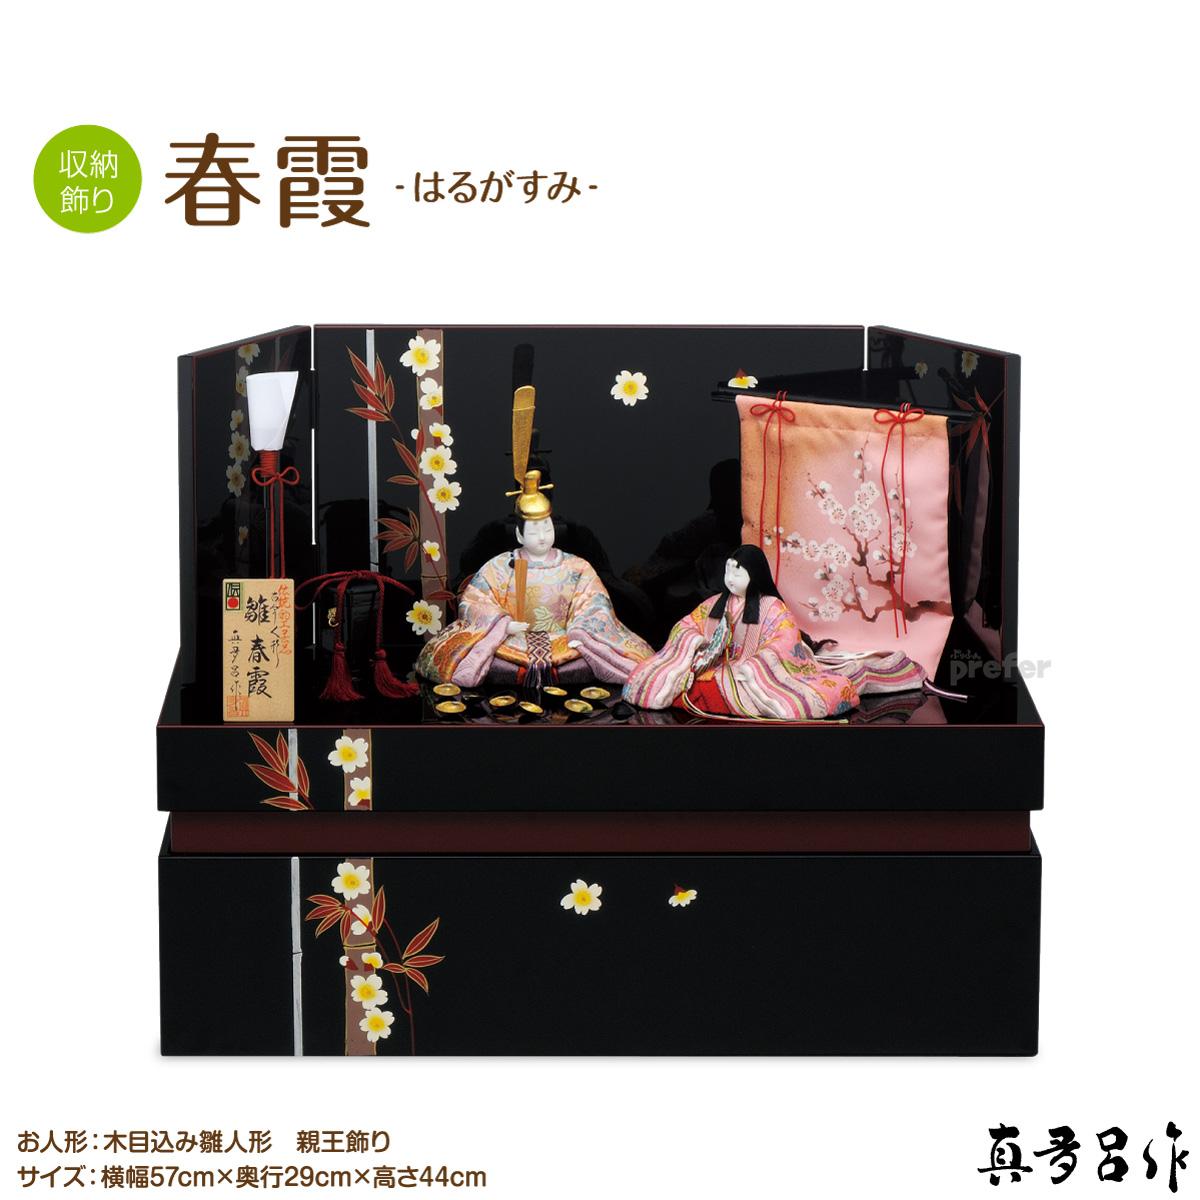 雛人形 収納飾り 真多呂作春霞(はるがすみ) 収納式 コンパクト 収納雛 コンパクト 収納雛 特選